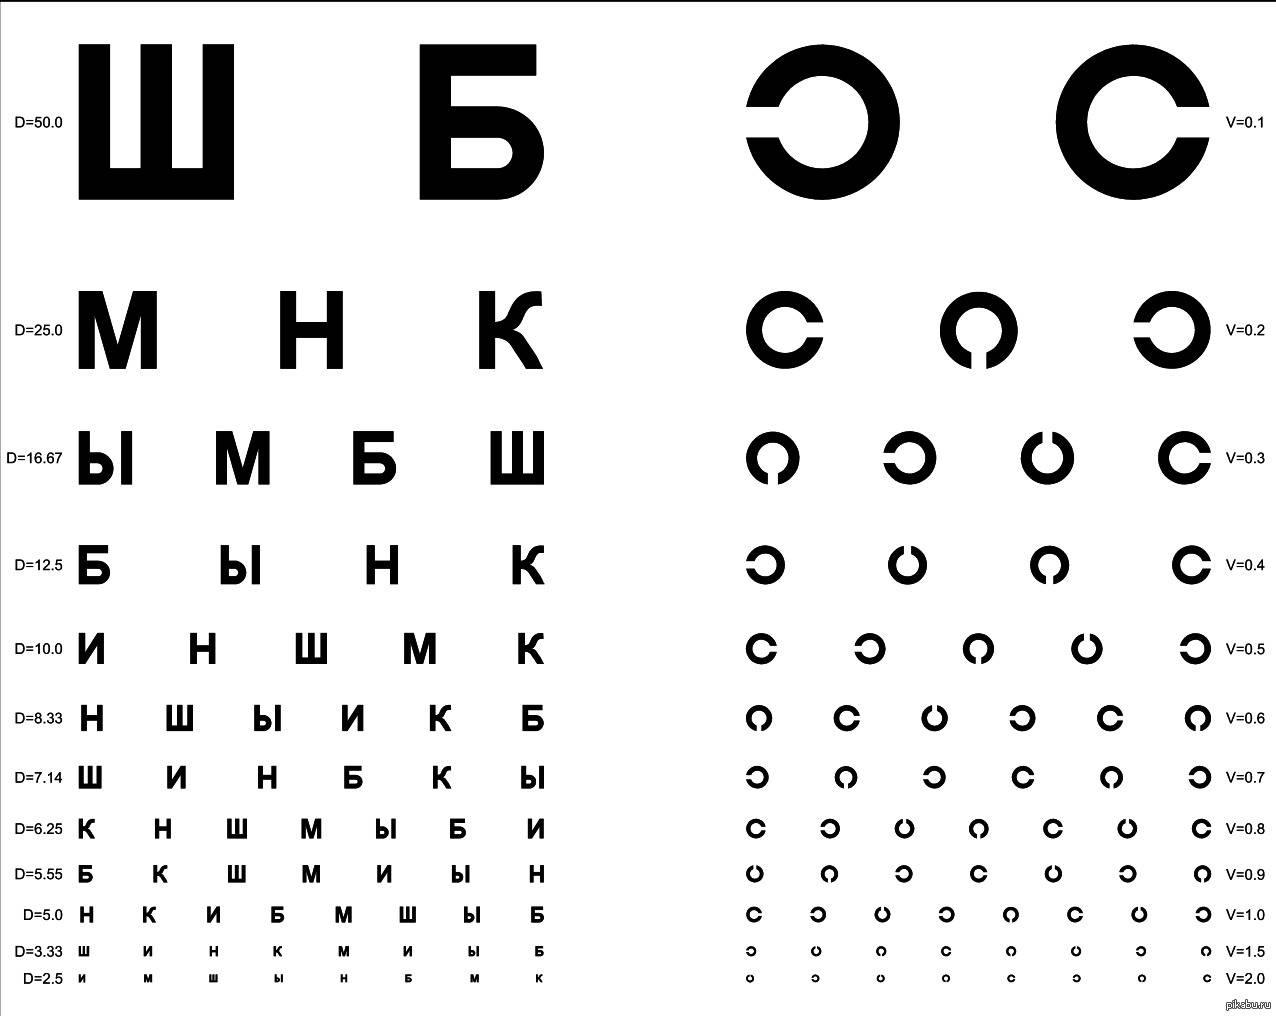 Таблица для зрения для проверки с буквами - на каком расстоянии проверяют, тест для измерения, как определить